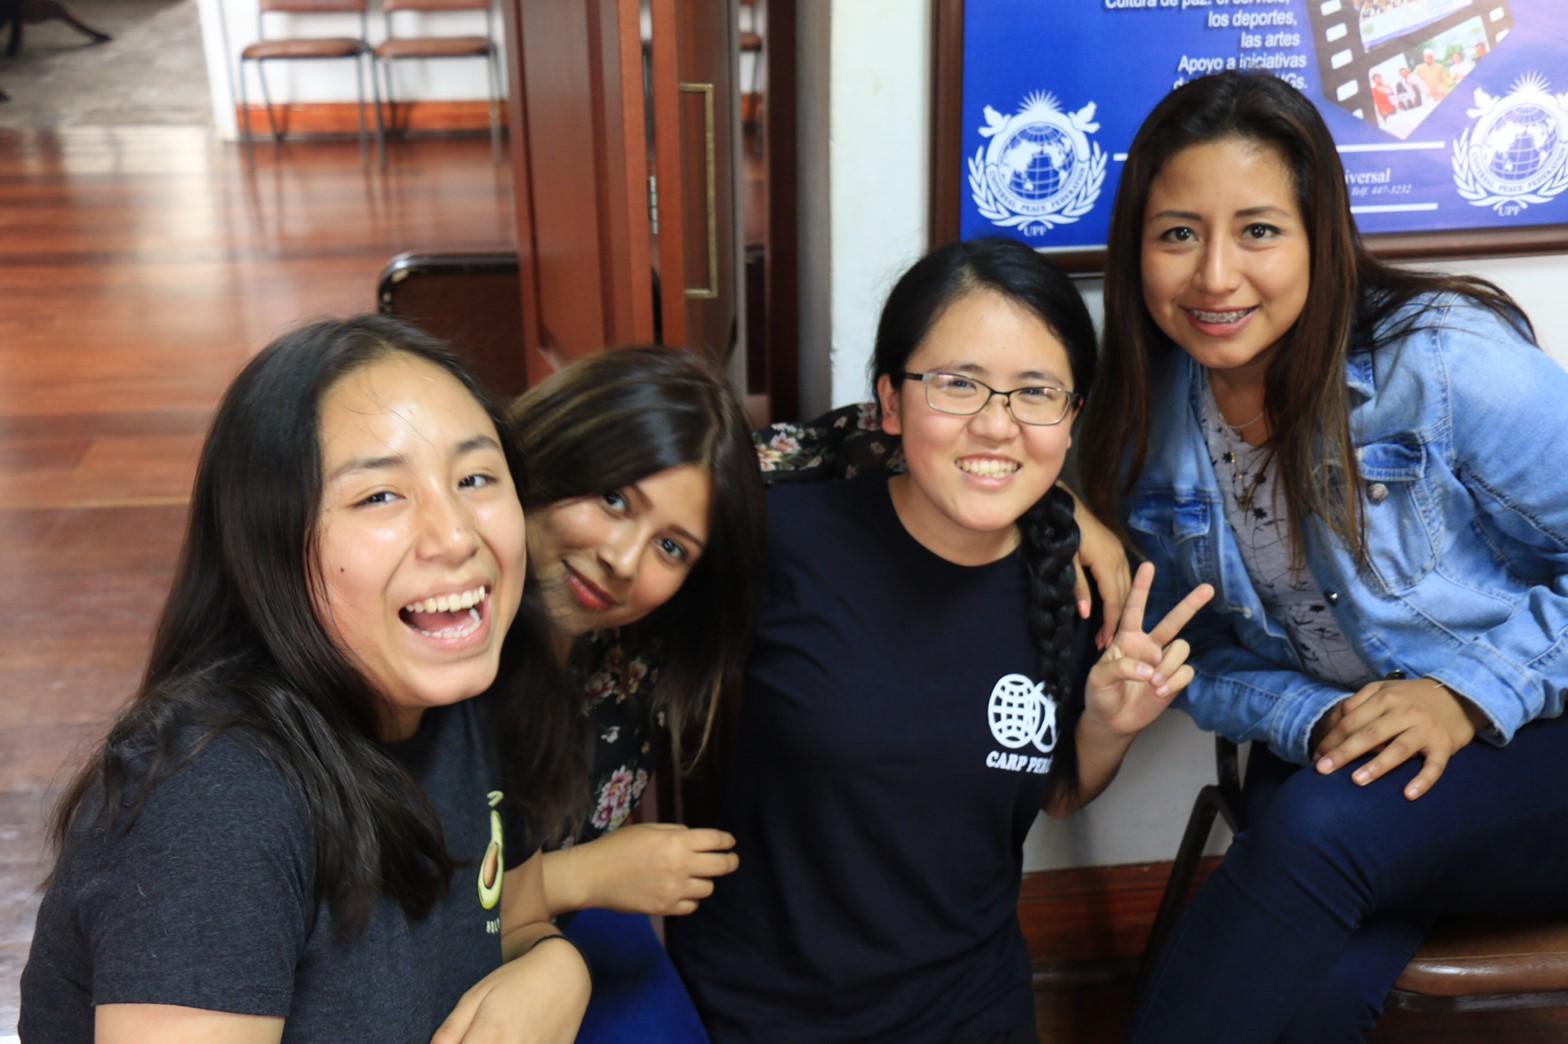 Sisters - Nao, Ley, F, Nats.jpg